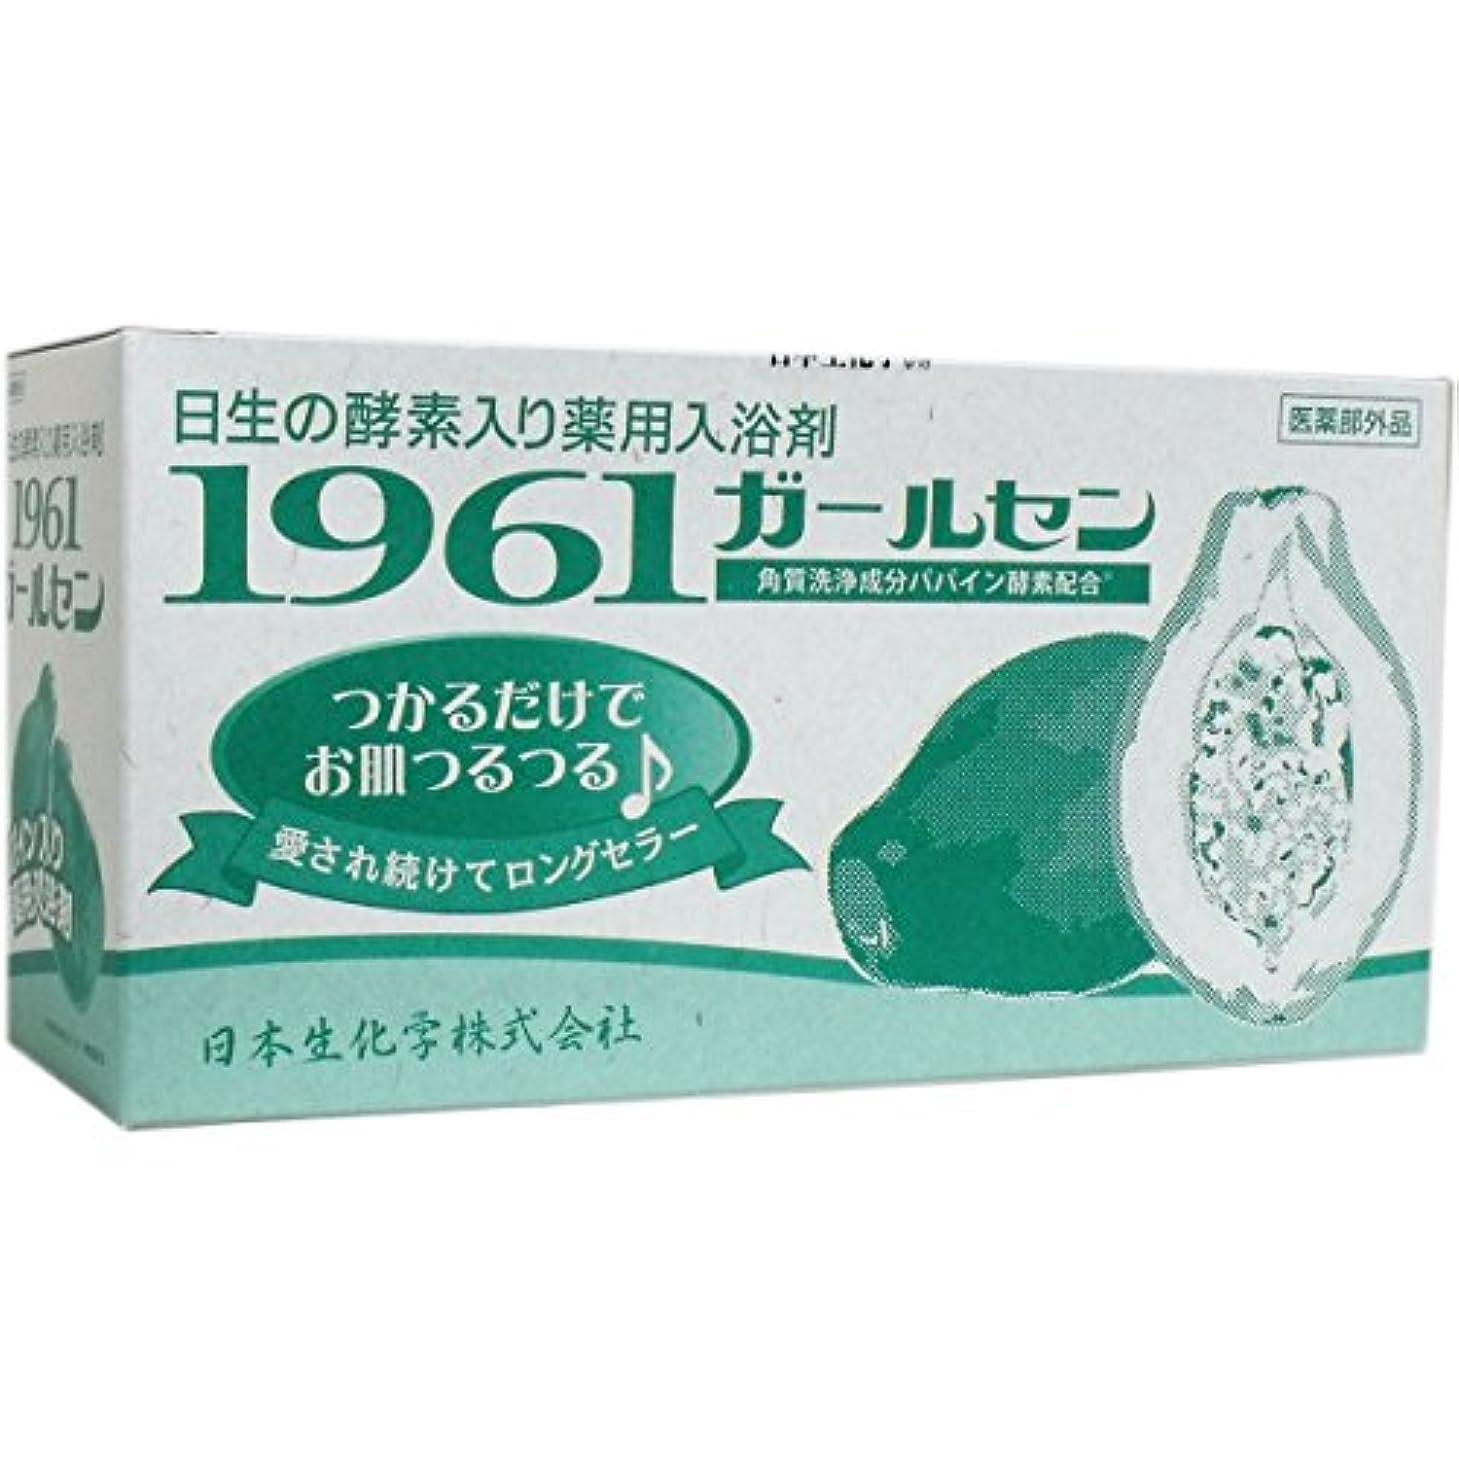 理解するまろやかなコンパスパパイン酵素配合 薬用入浴剤 1961ガールセン 30包 [並行輸入品]